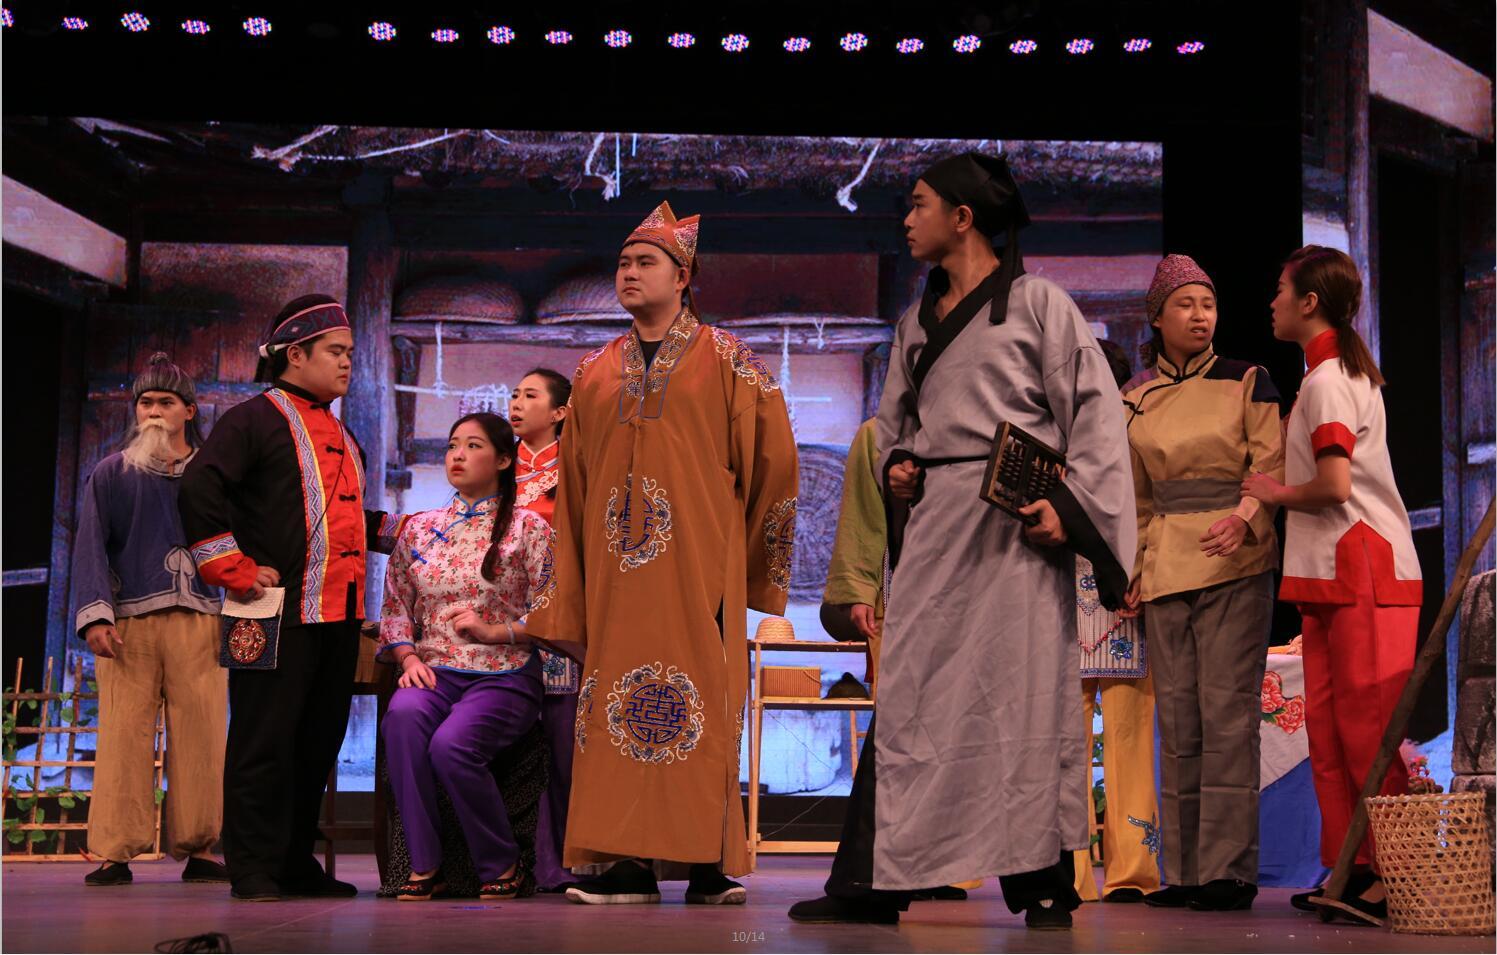 山歌蕩起記憶|北京演藝專修學院音樂系民族歌劇《劉三姐》